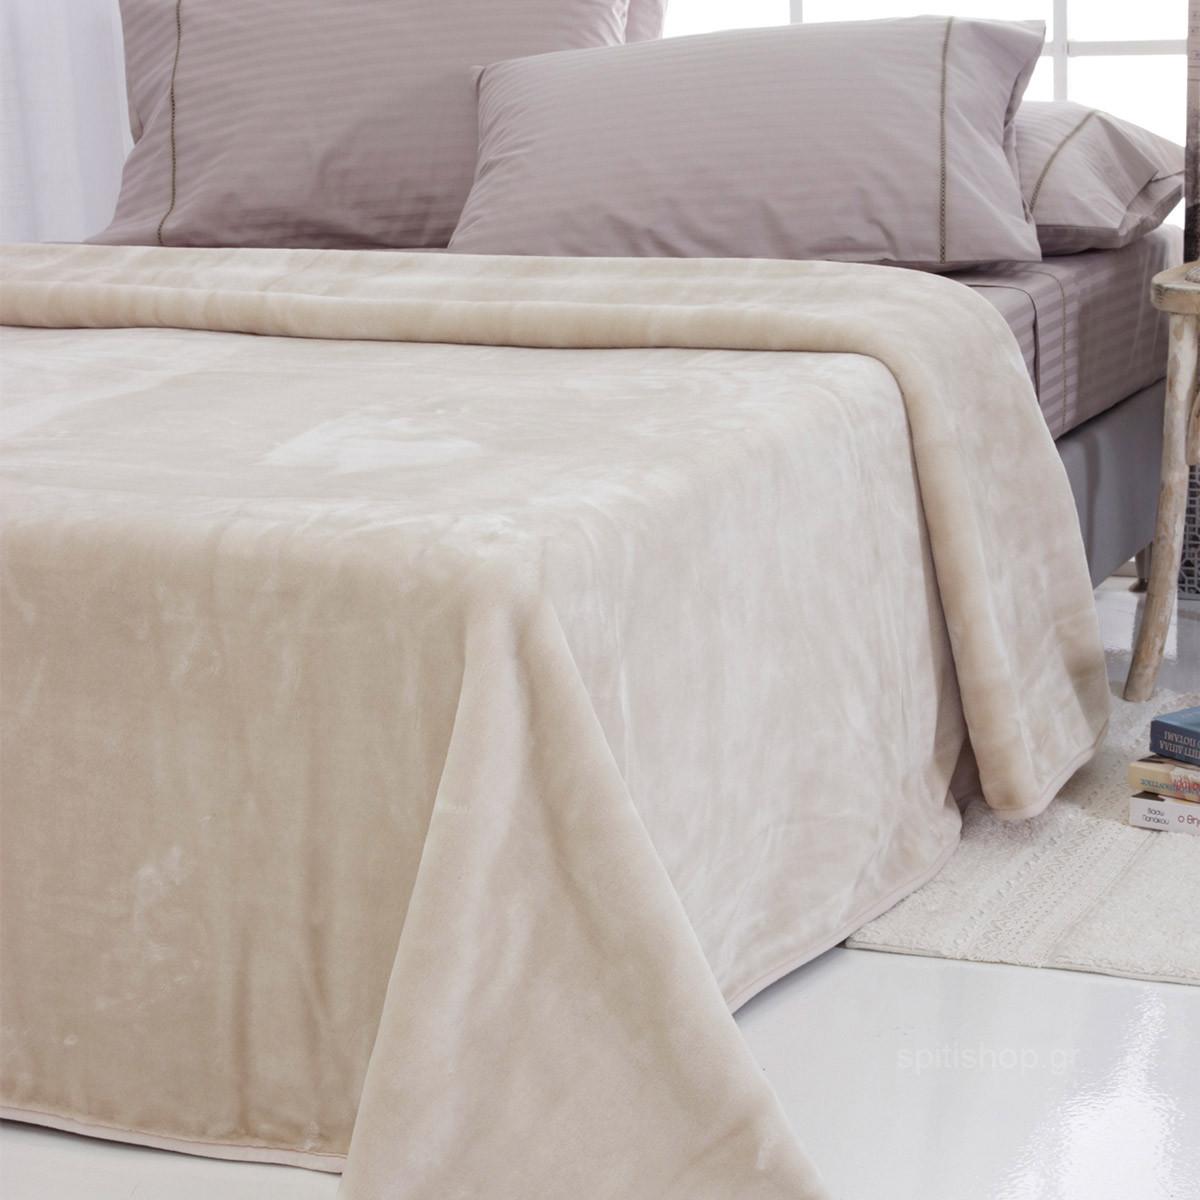 Κουβέρτα Βελουτέ Υπέρδιπλη Sb Home Tyrol home   κρεβατοκάμαρα   κουβέρτες   κουβέρτες βελουτέ υπέρδιπλες